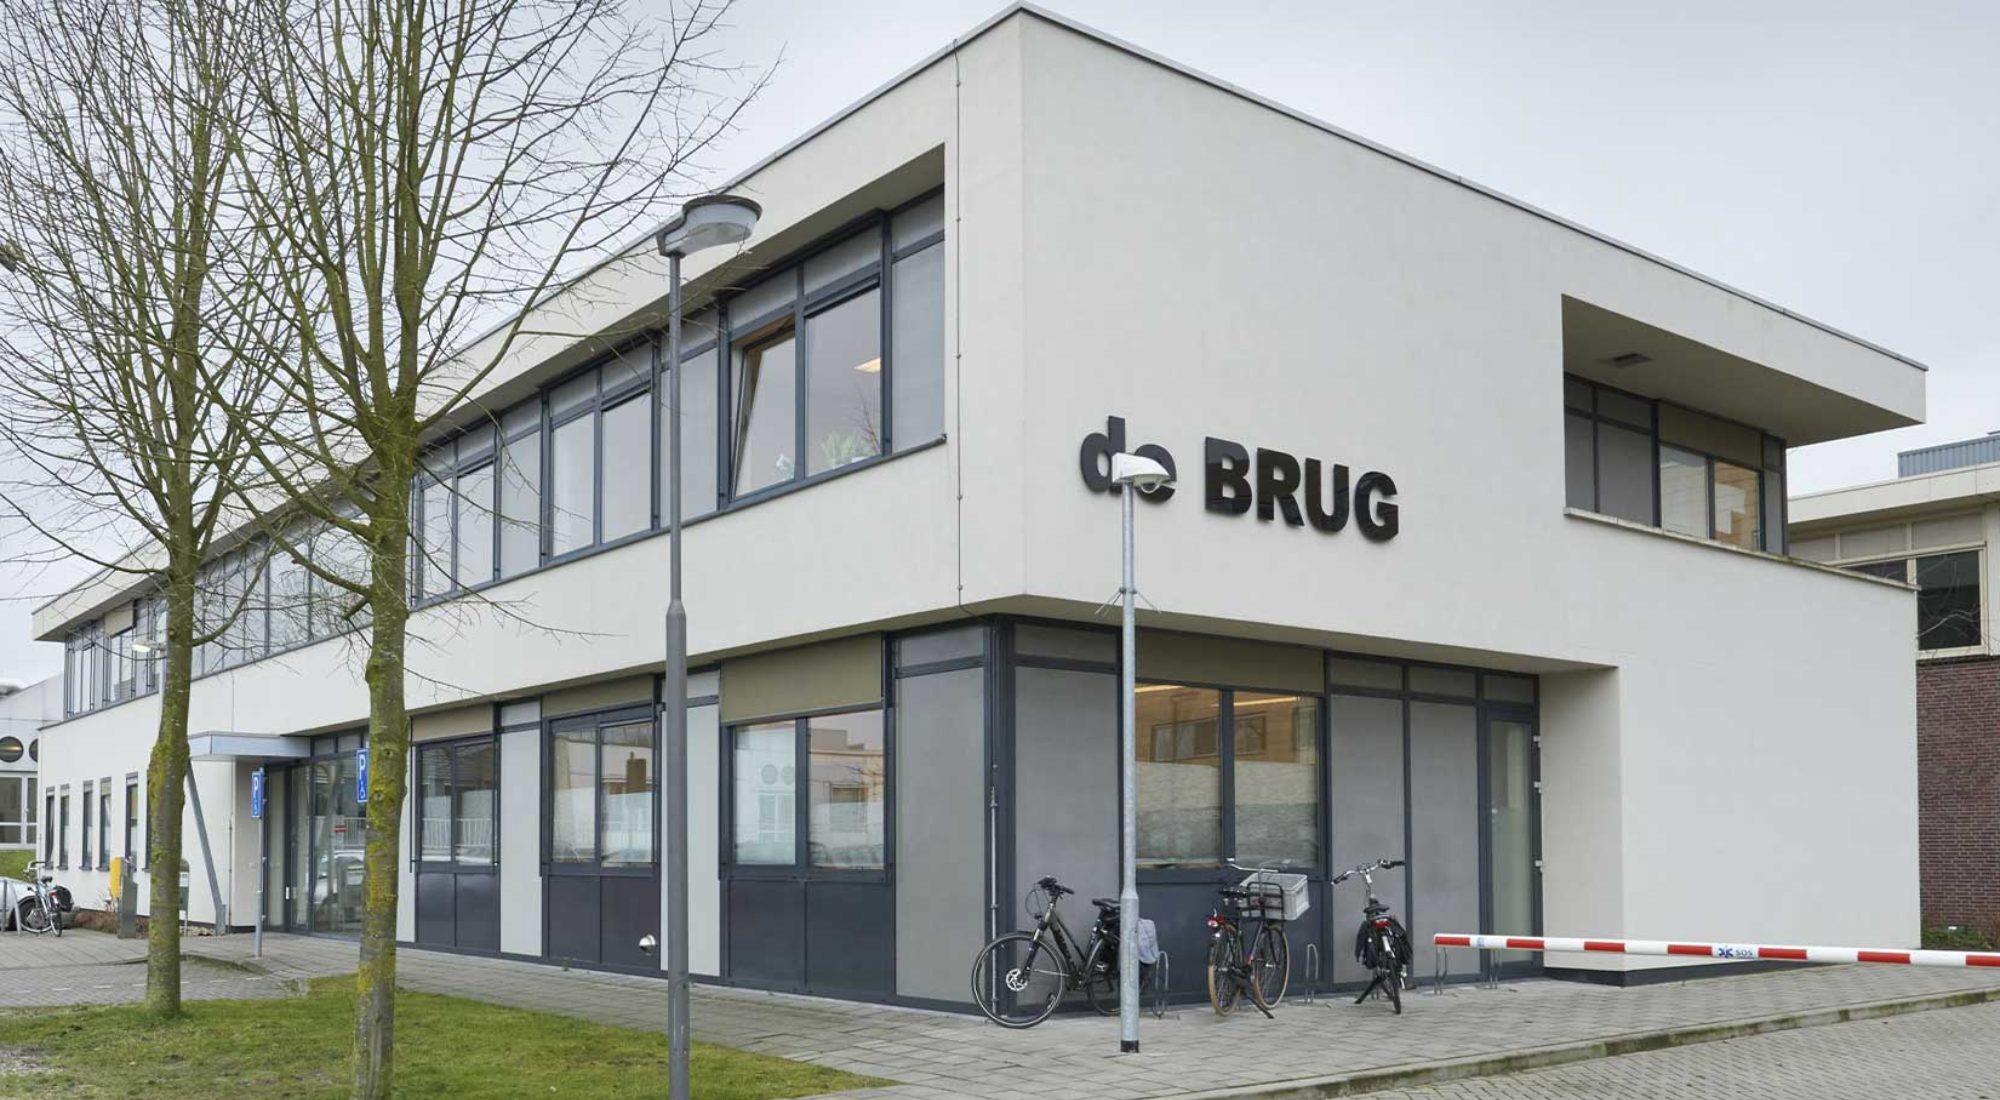 Hengelo De Brug